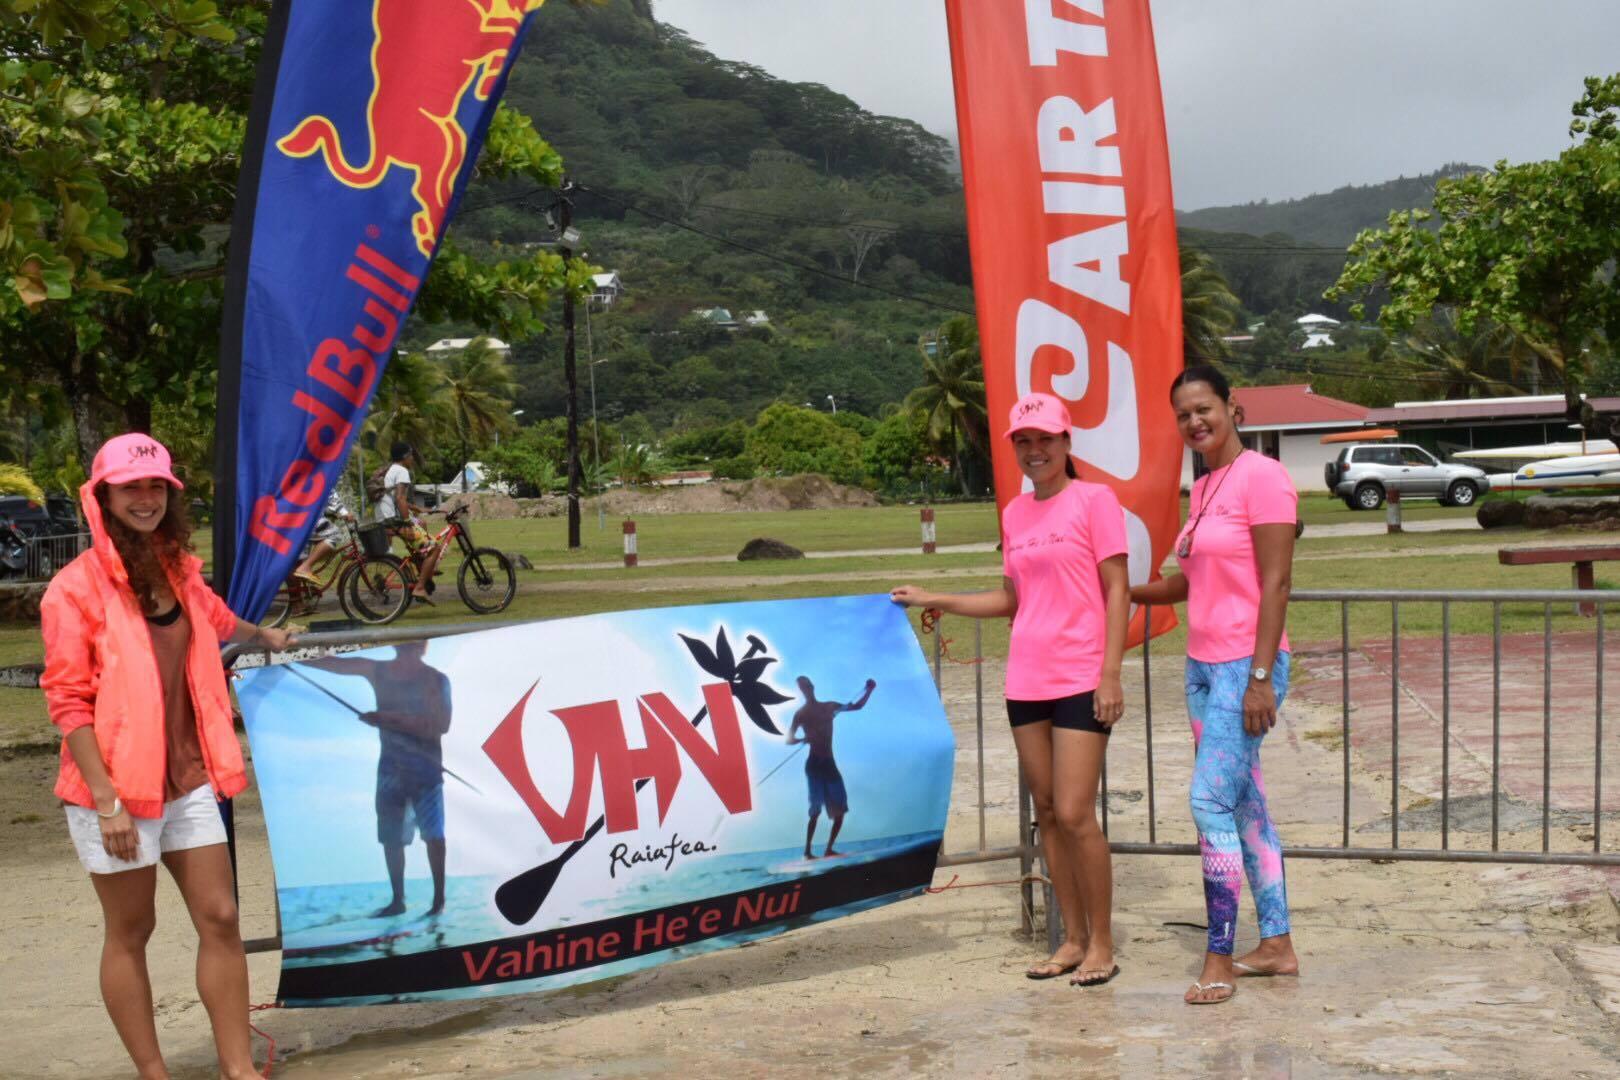 Une vingtaine de compétiteurs présents à la Vahine He'e Nui